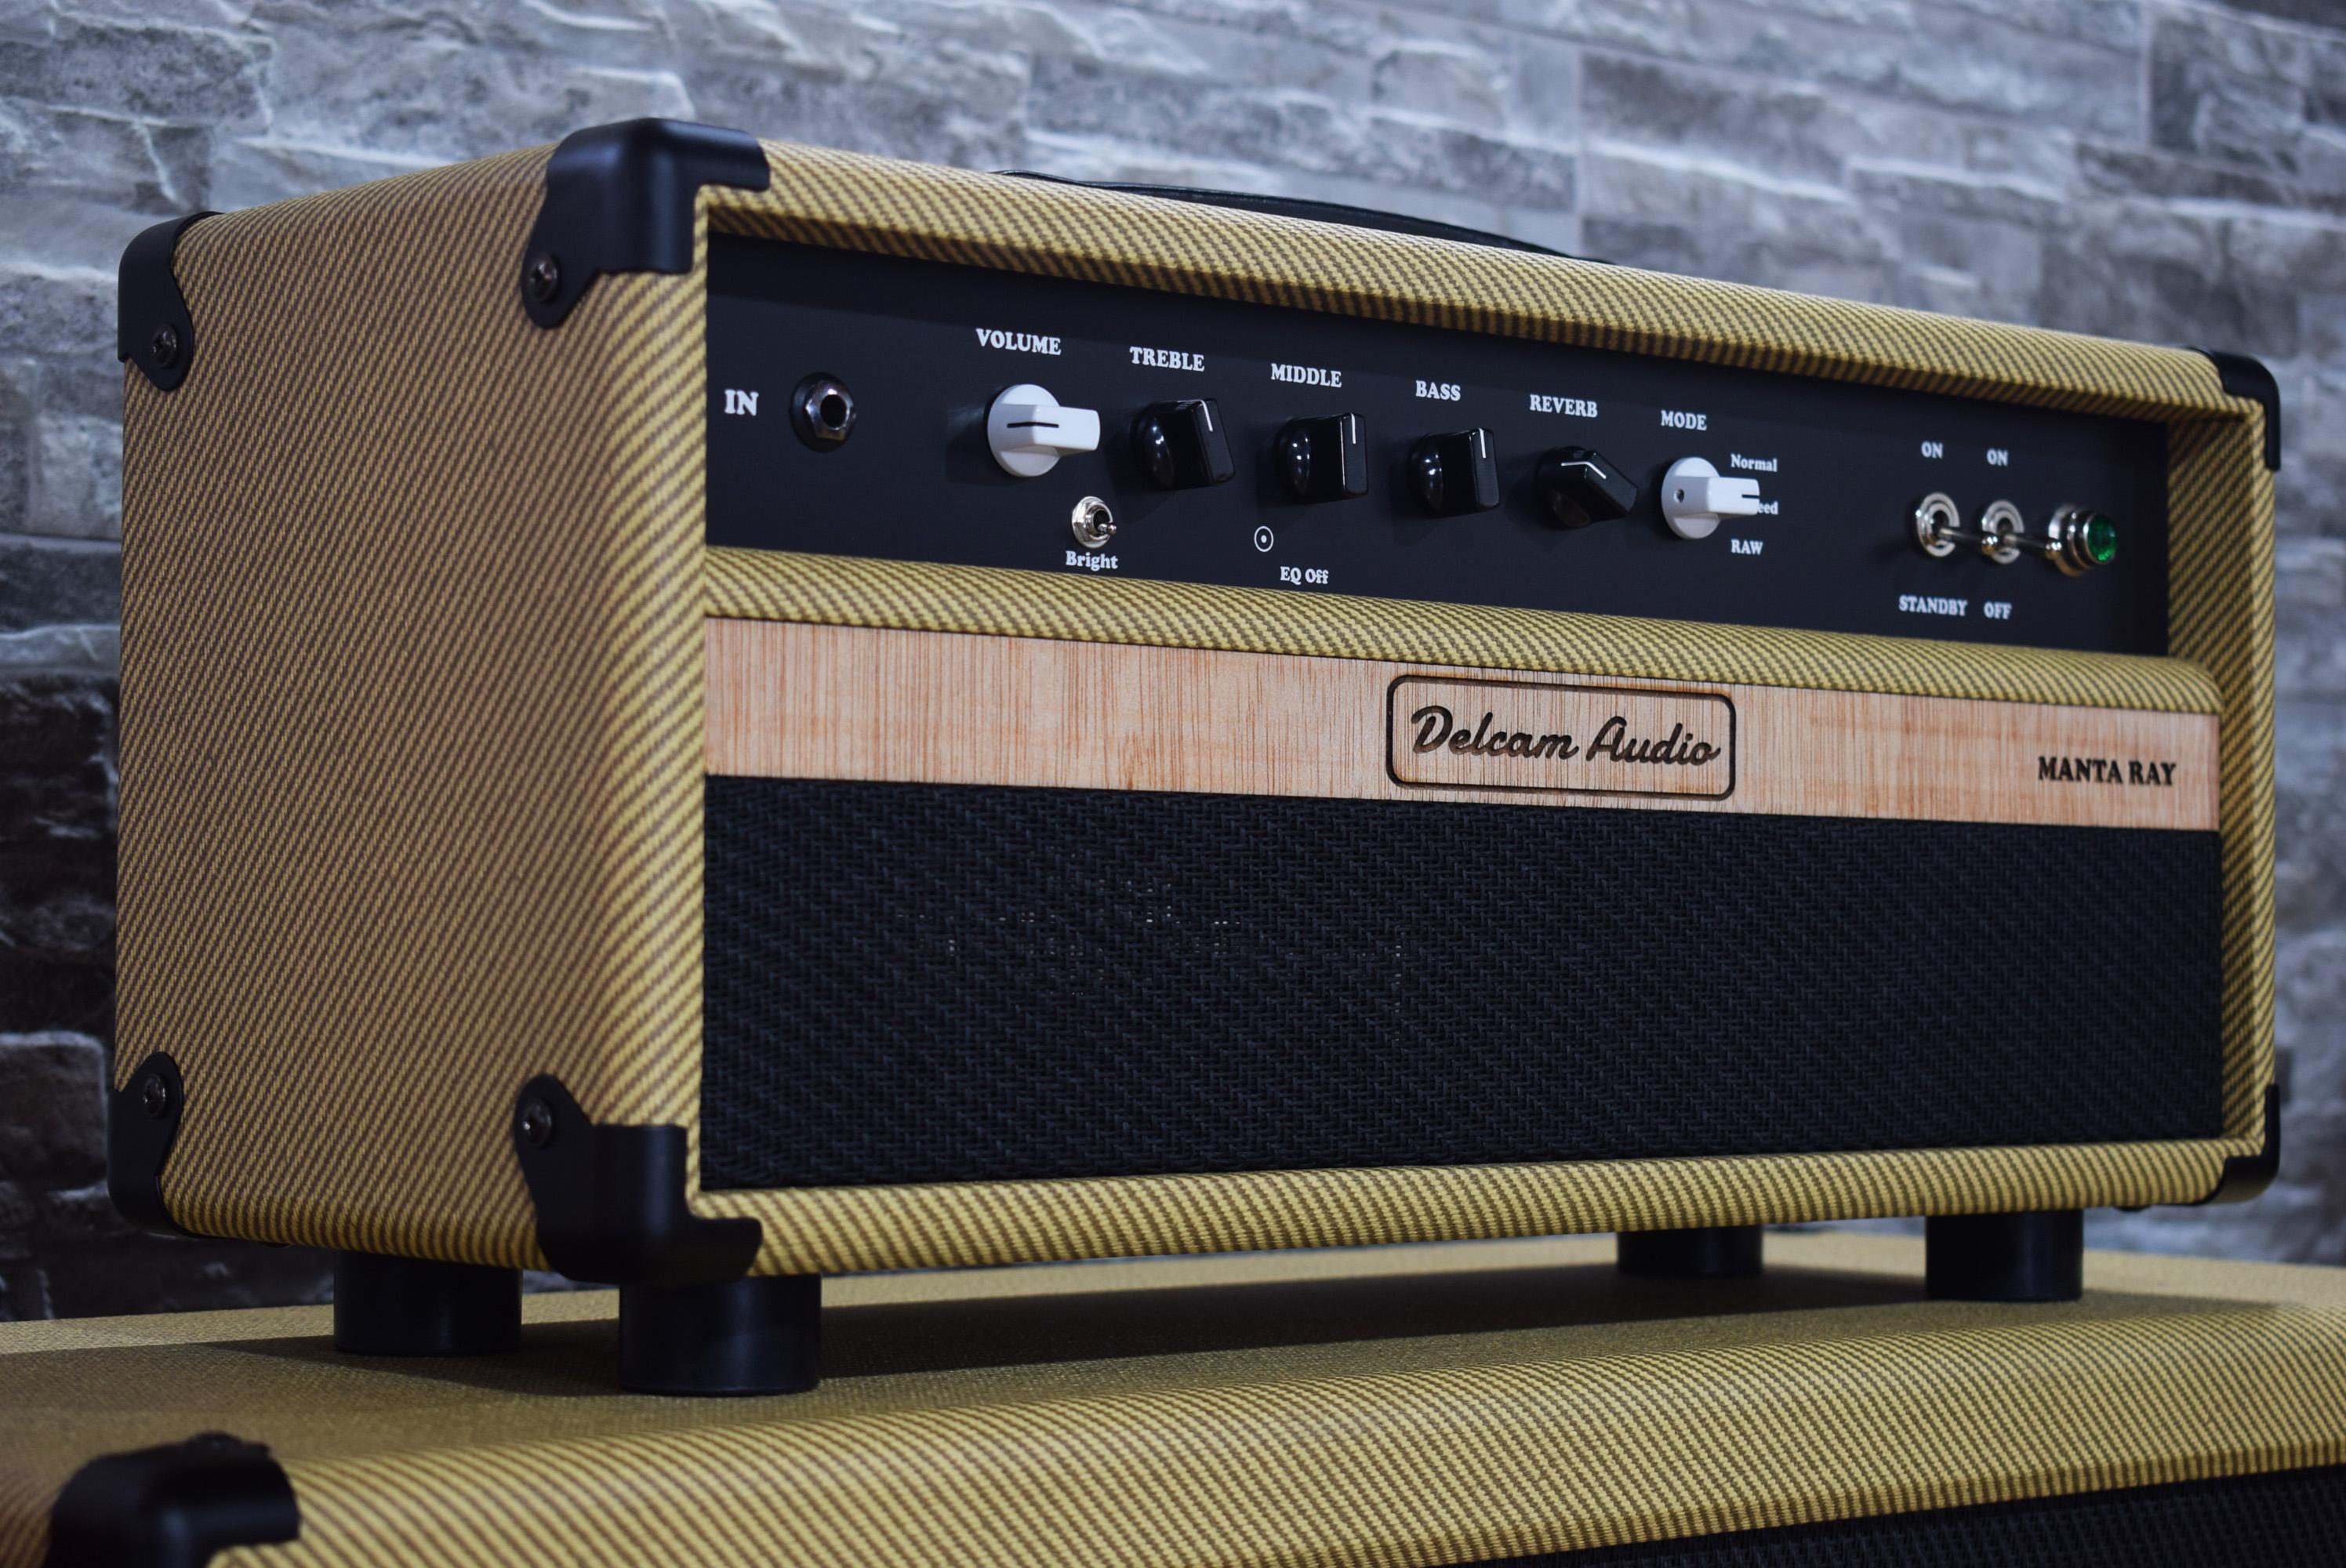 Delcam Audio MANTA RAY 2